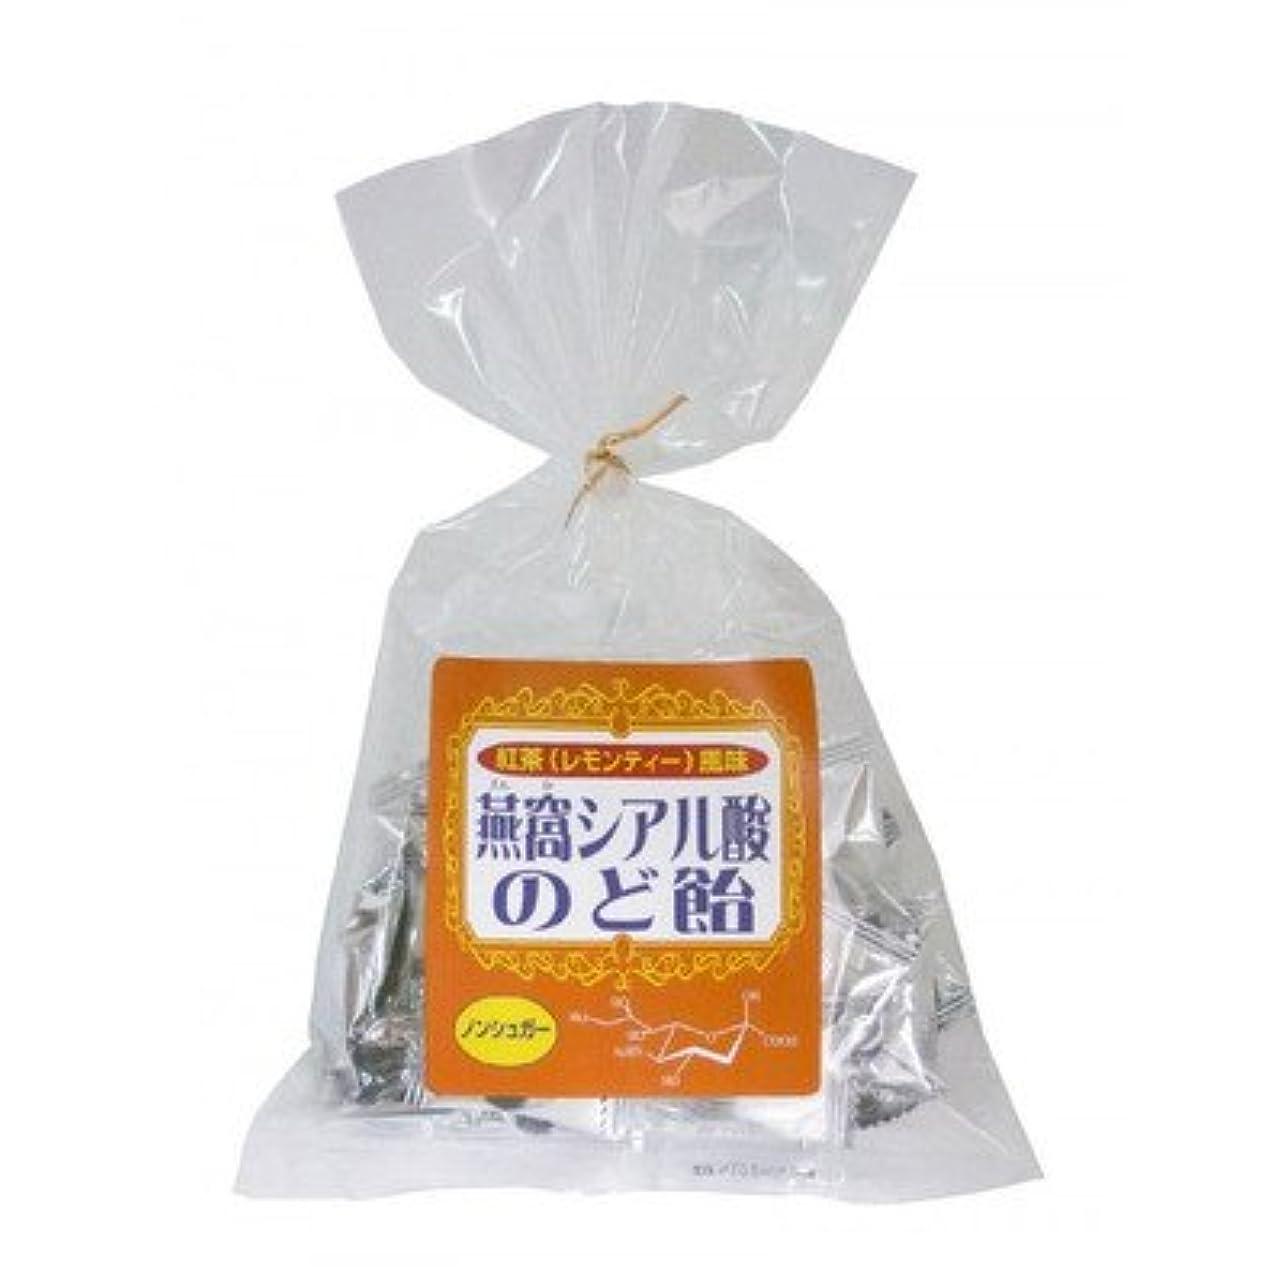 例示する突然のスペシャリスト燕窩シアル酸のど飴ノンシュガー 紅茶(レモンティー)風味 87g×3袋